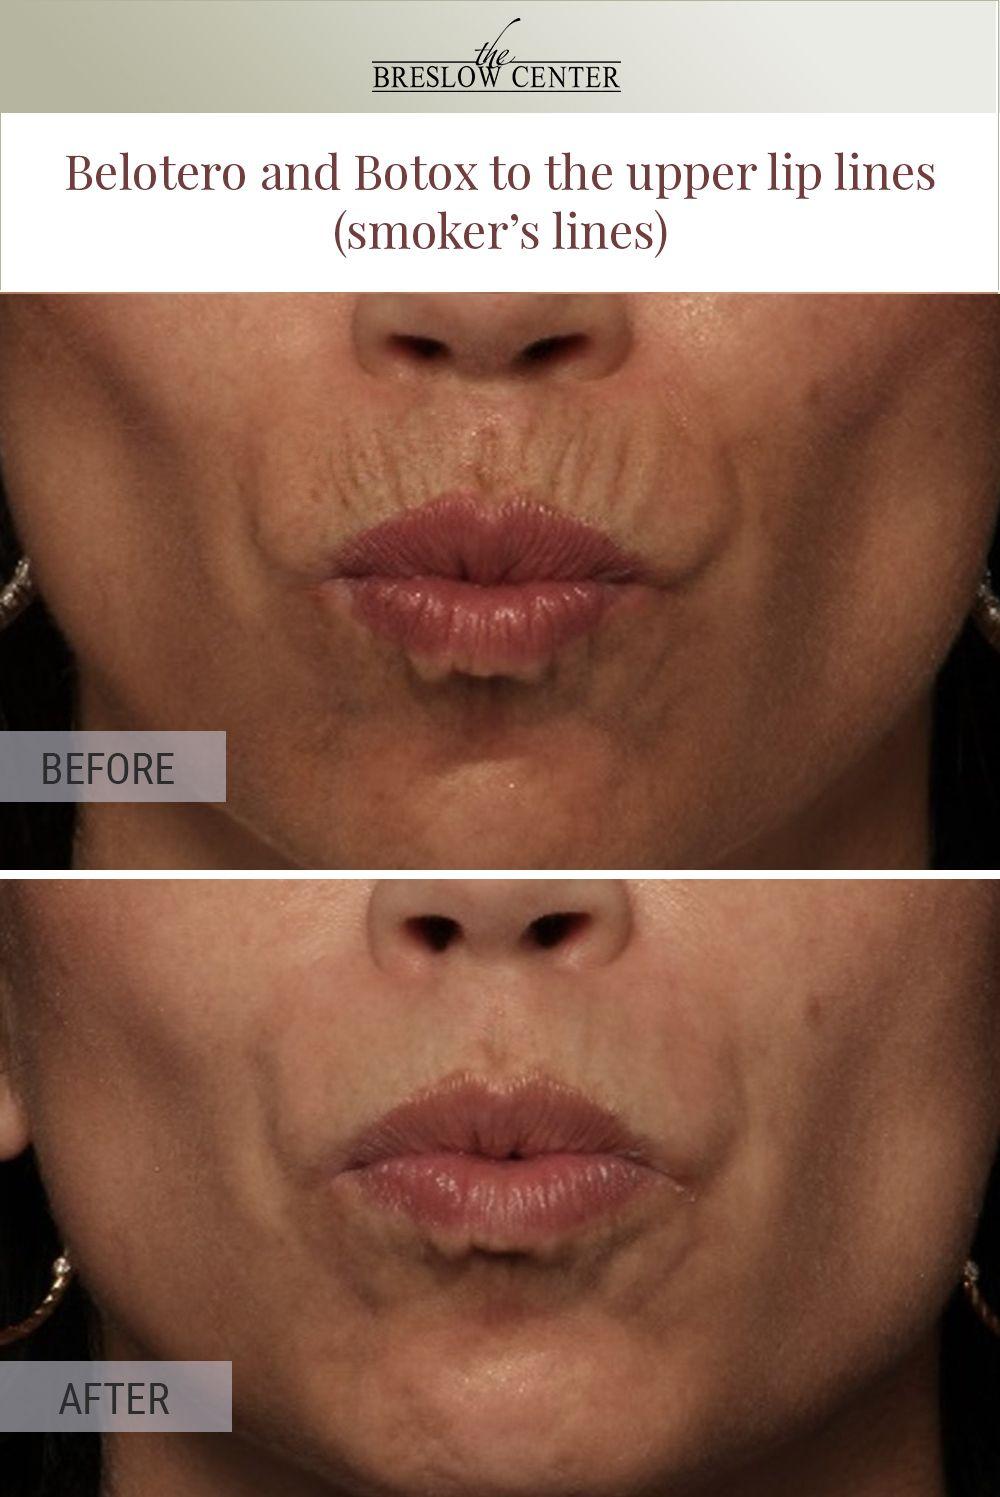 883e8fad1bc4279c2bff8091225168ea - How To Get Rid Of Deep Lines On Upper Lip